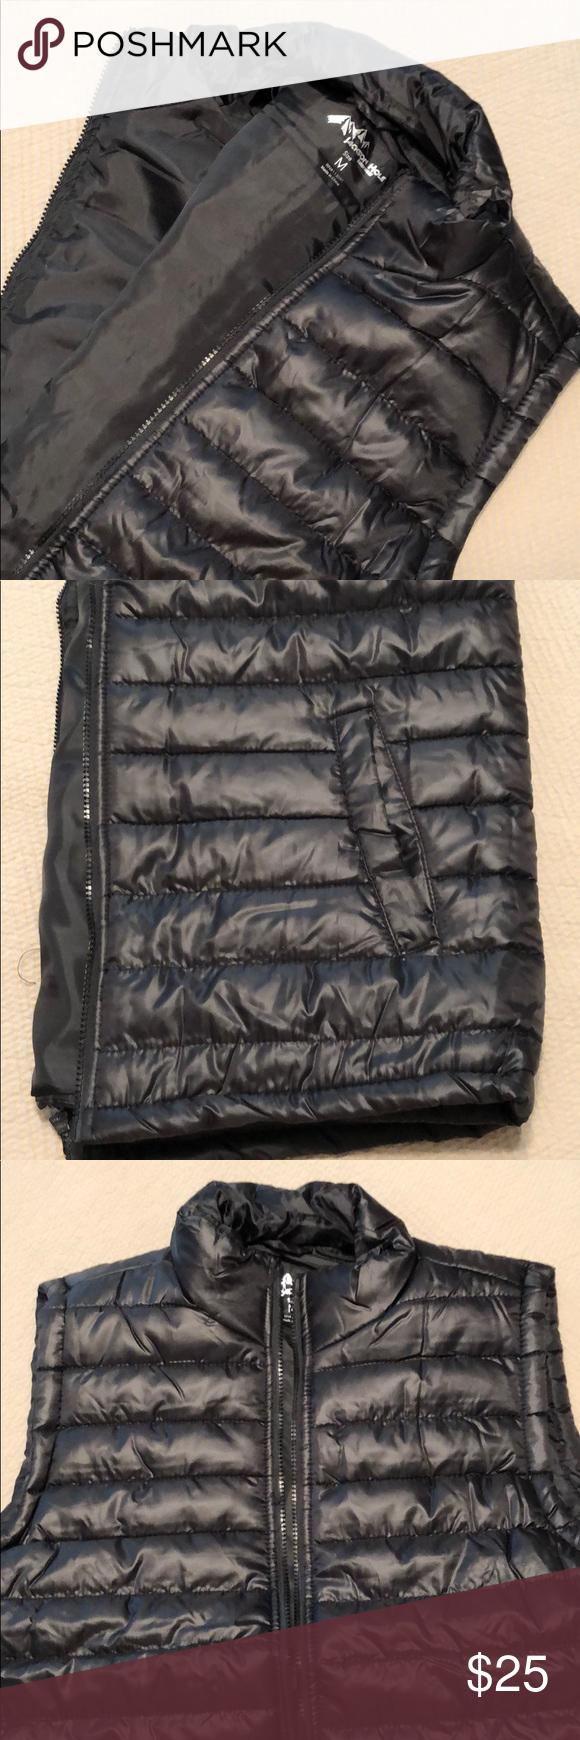 Nwot Men S Jackson Hole Puffer Vest Puffer Vest Jackson Hole Clothes Design [ 1740 x 580 Pixel ]